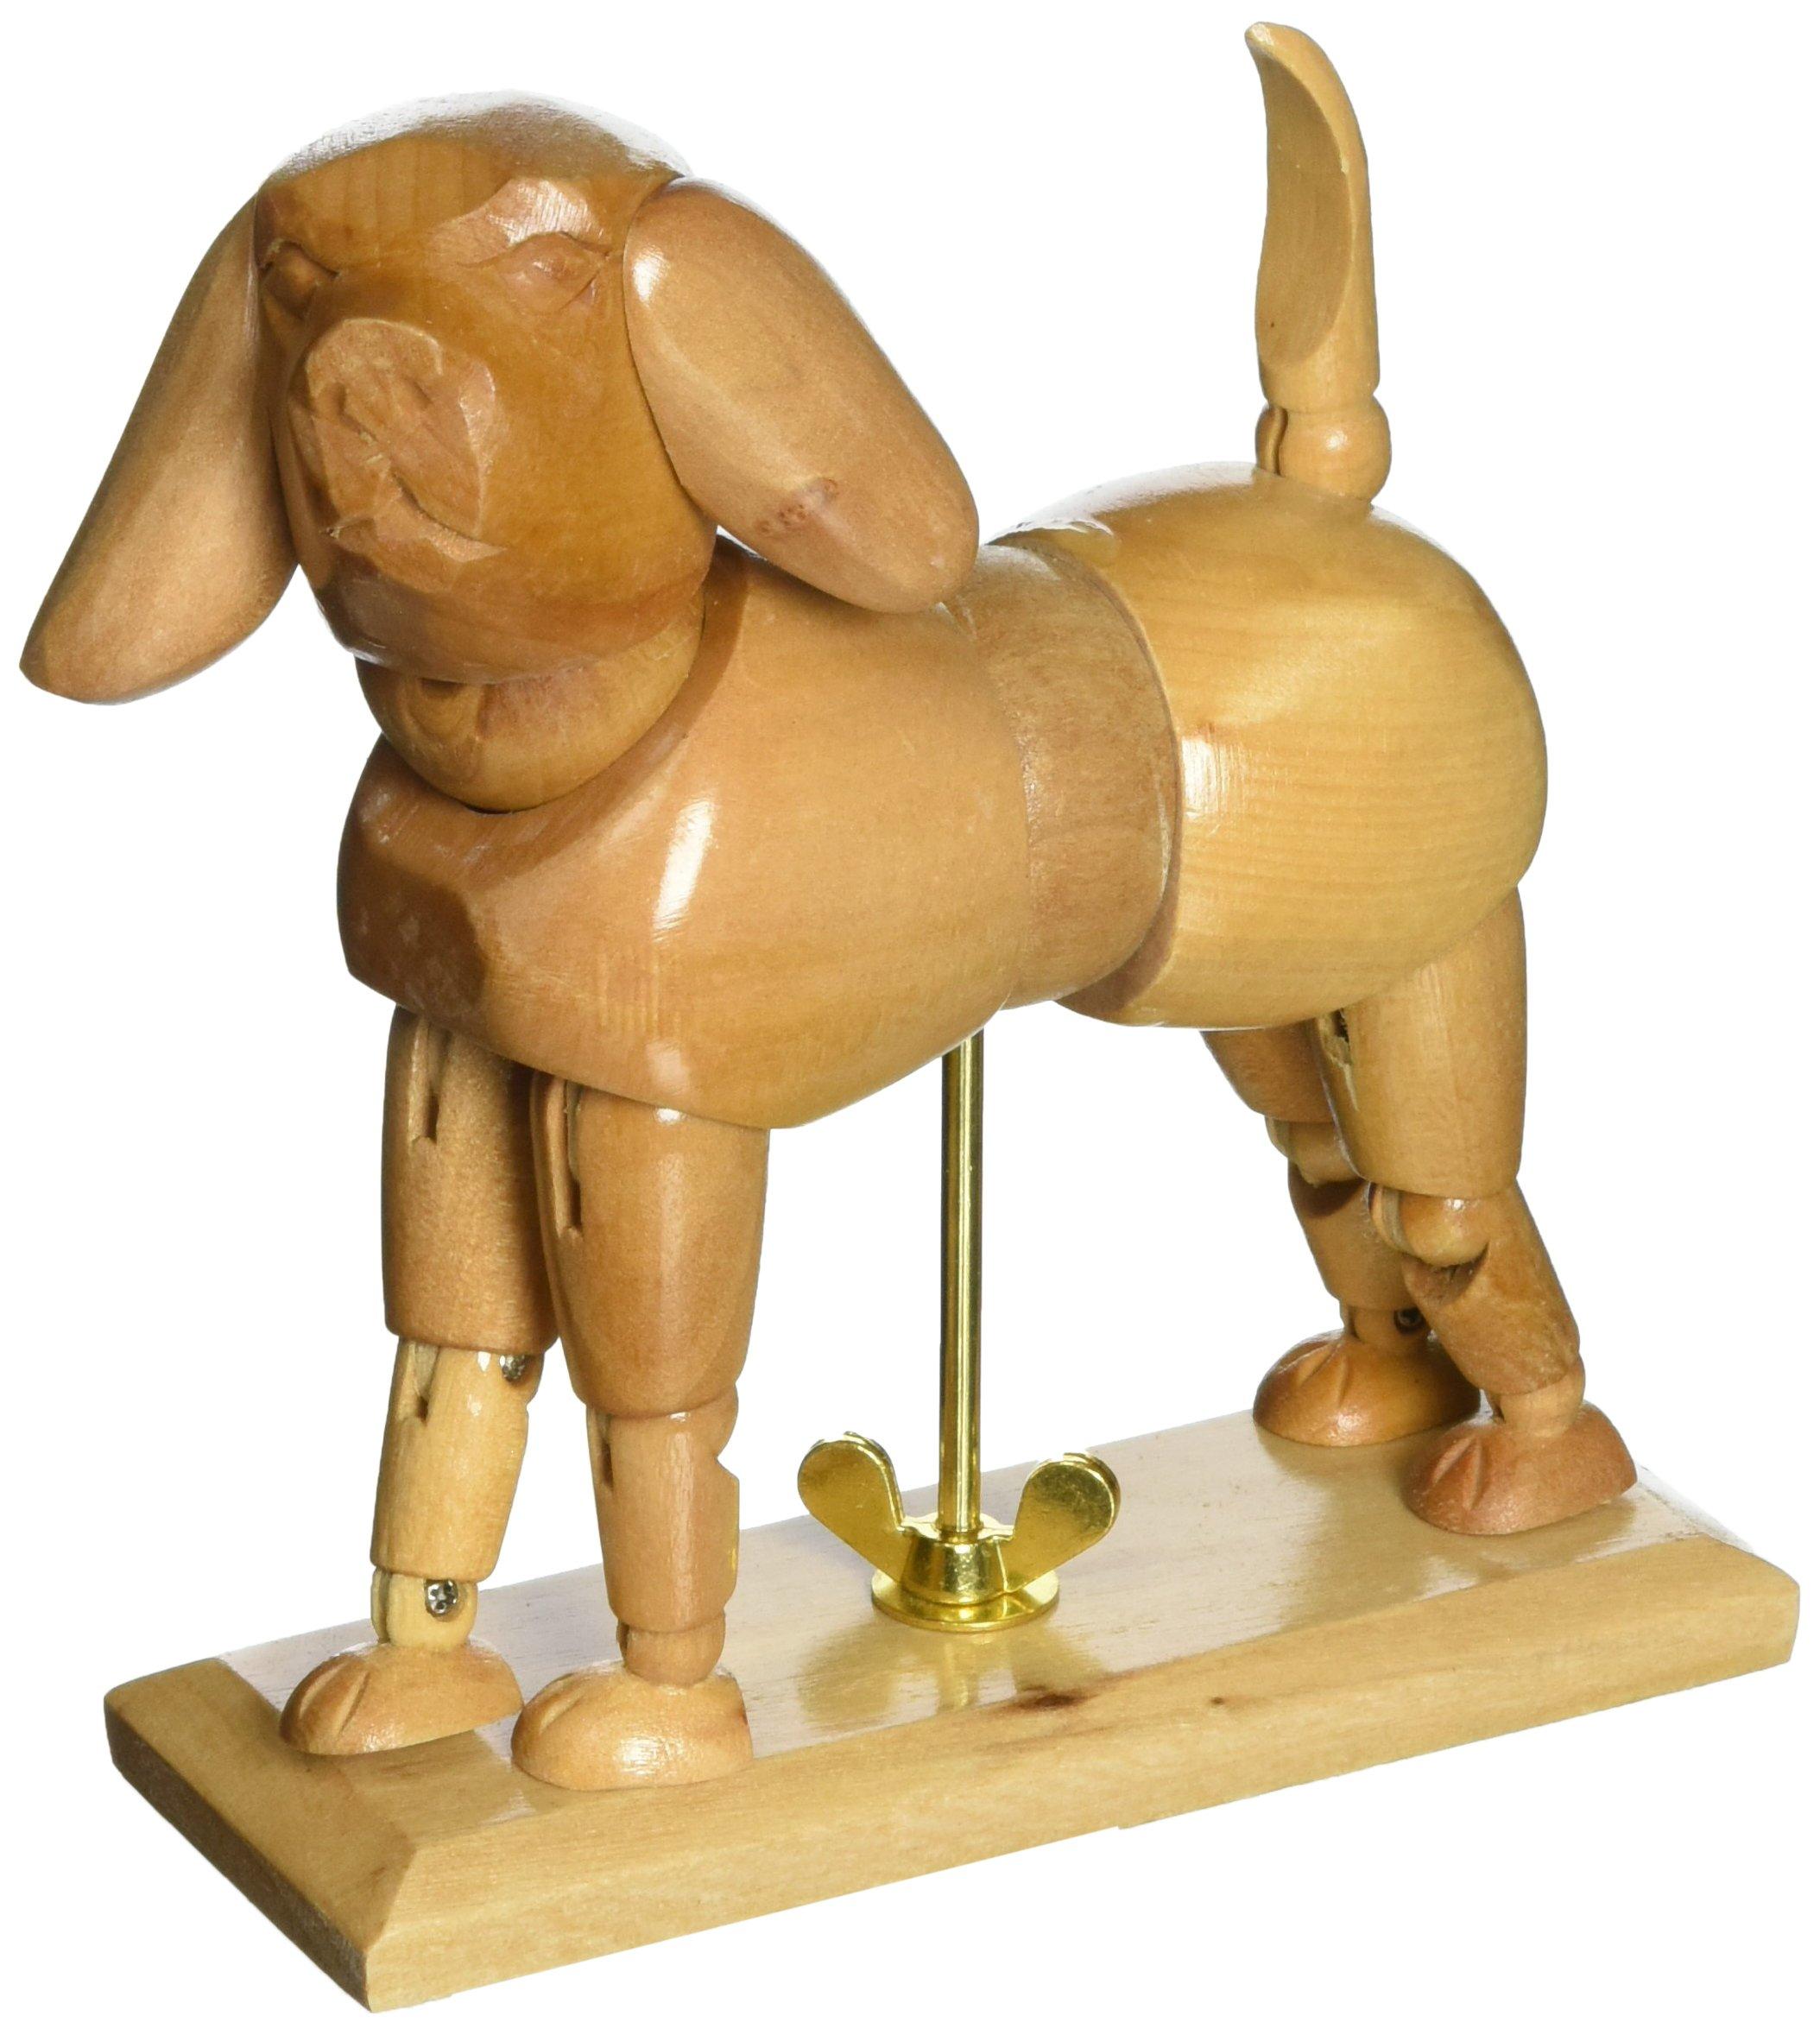 Jack Richeson 710243 6'' Dog Manikin